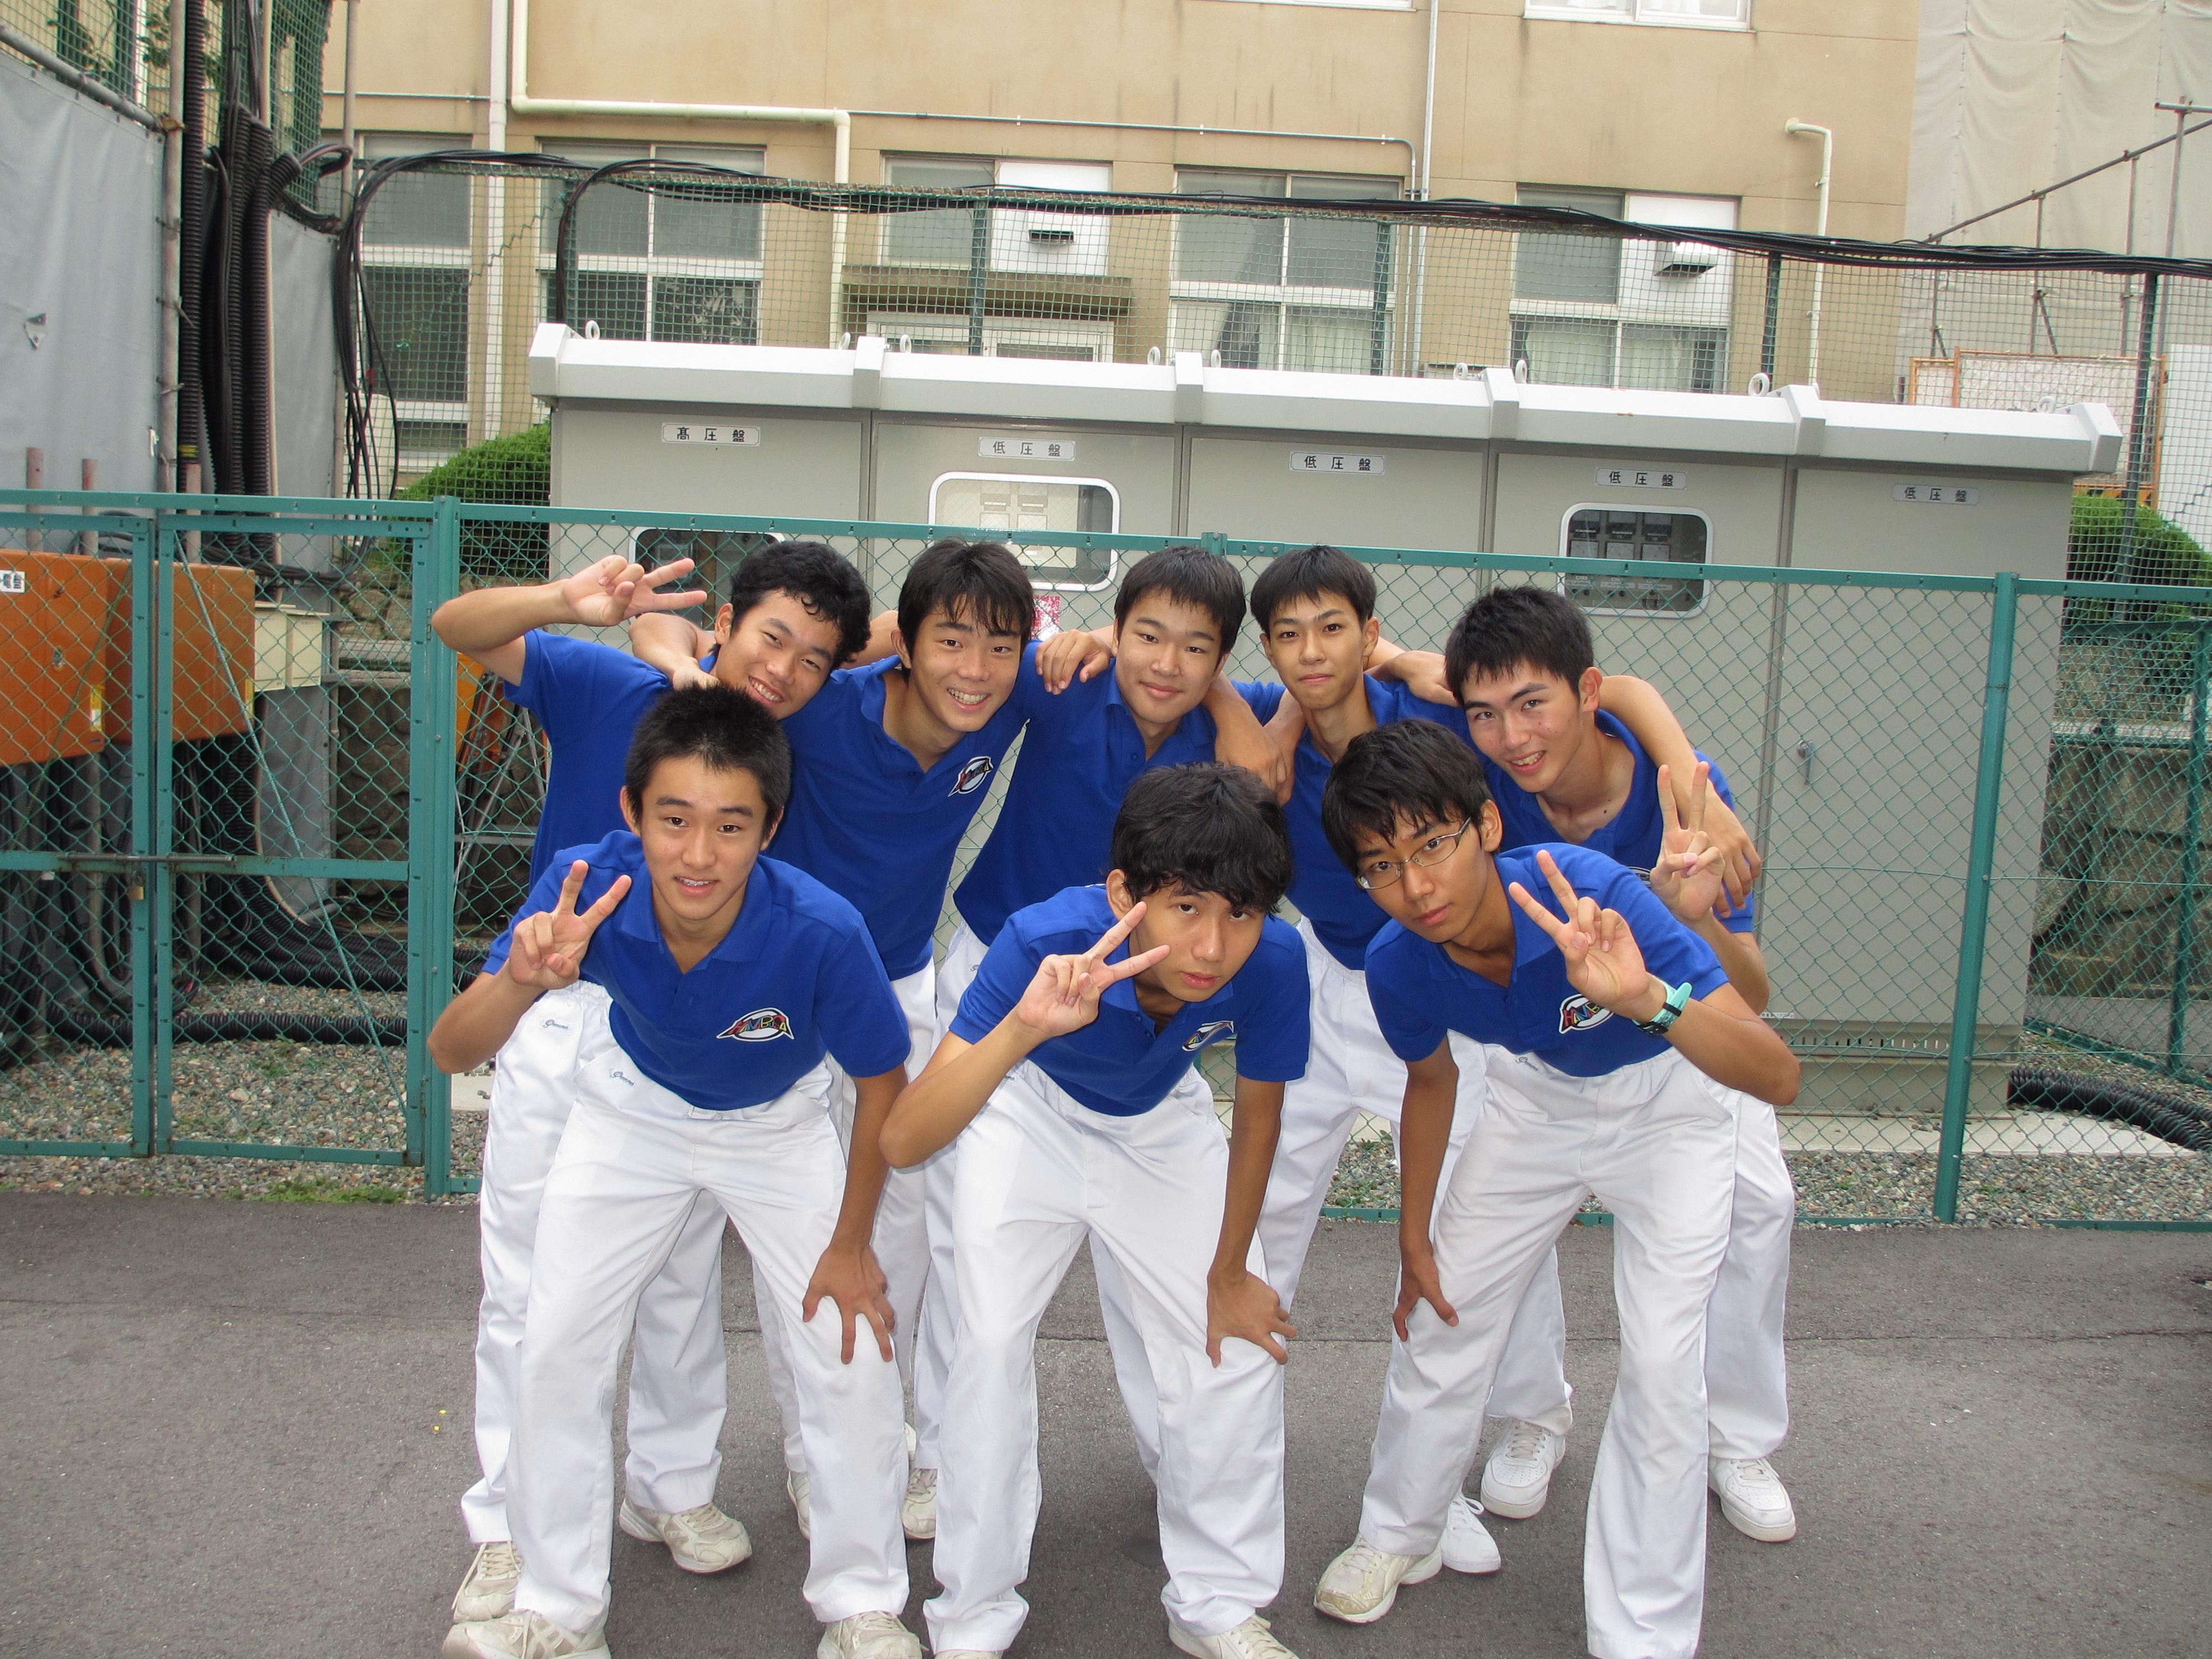 中学生〜高校生の男が好きなショタコン集合 Part6YouTube動画>39本 ->画像>309枚